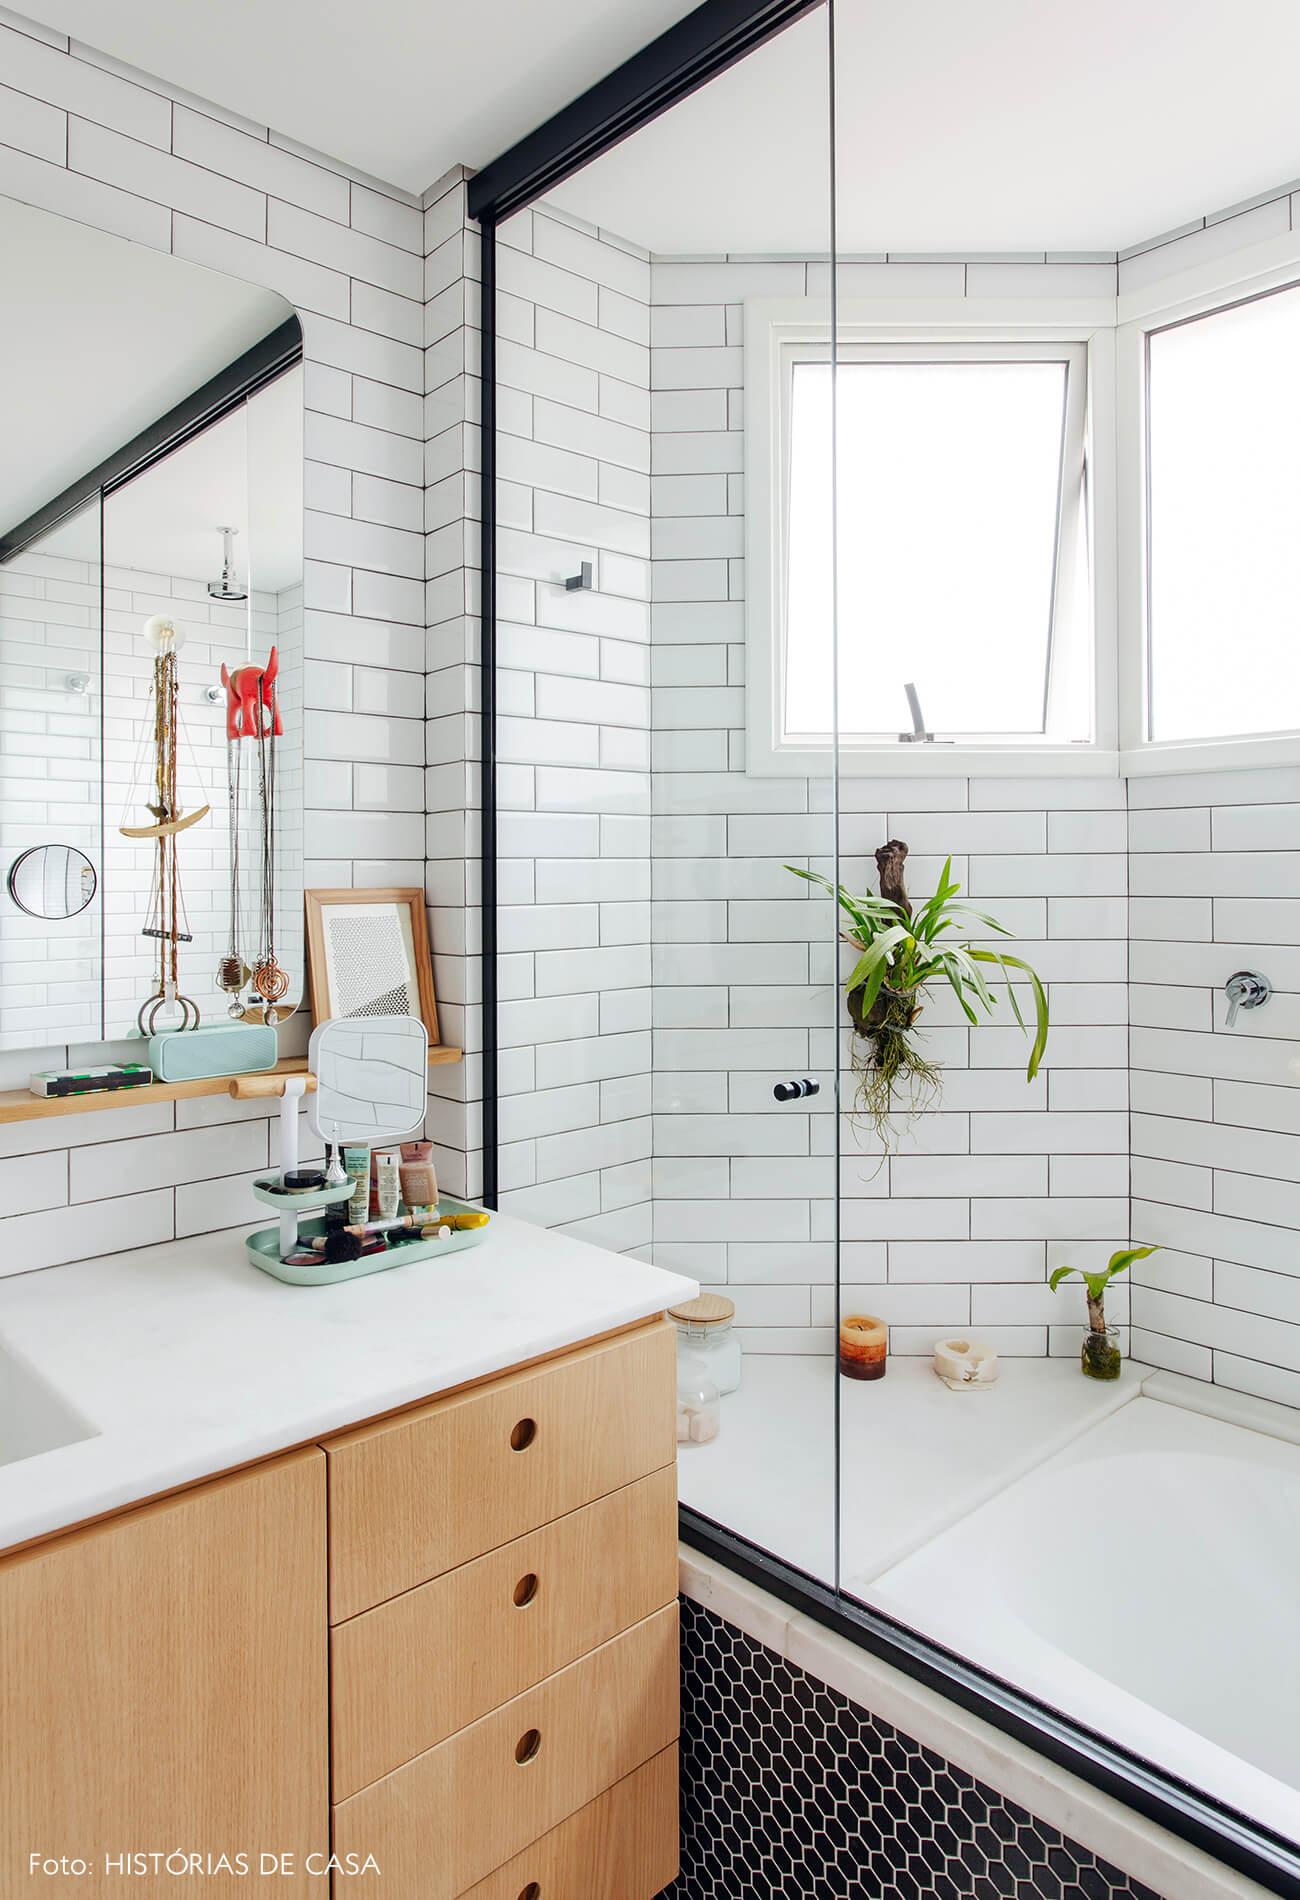 Banheiro reformado com azulejos do tipo subway tiles e marcenaria neutra